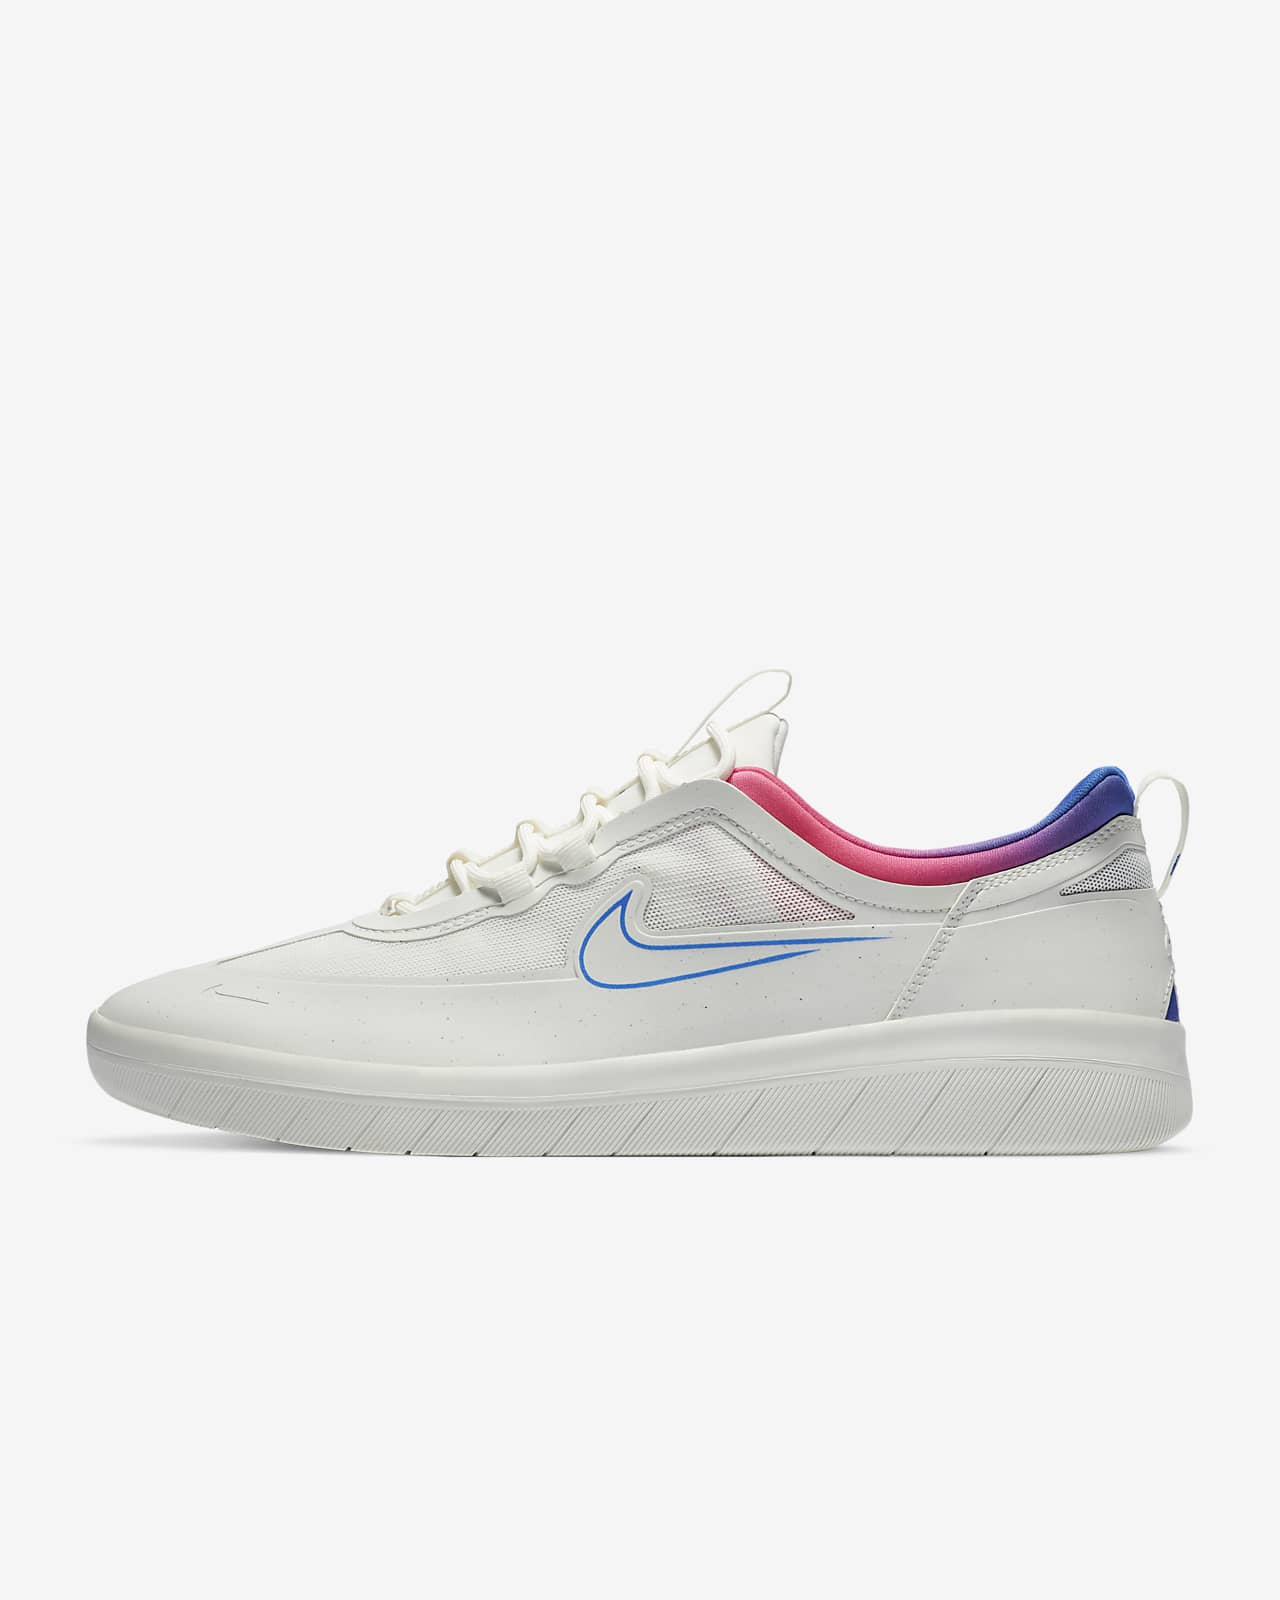 รองเท้าสเก็ตบอร์ด Nike SB Nyjah Free 2